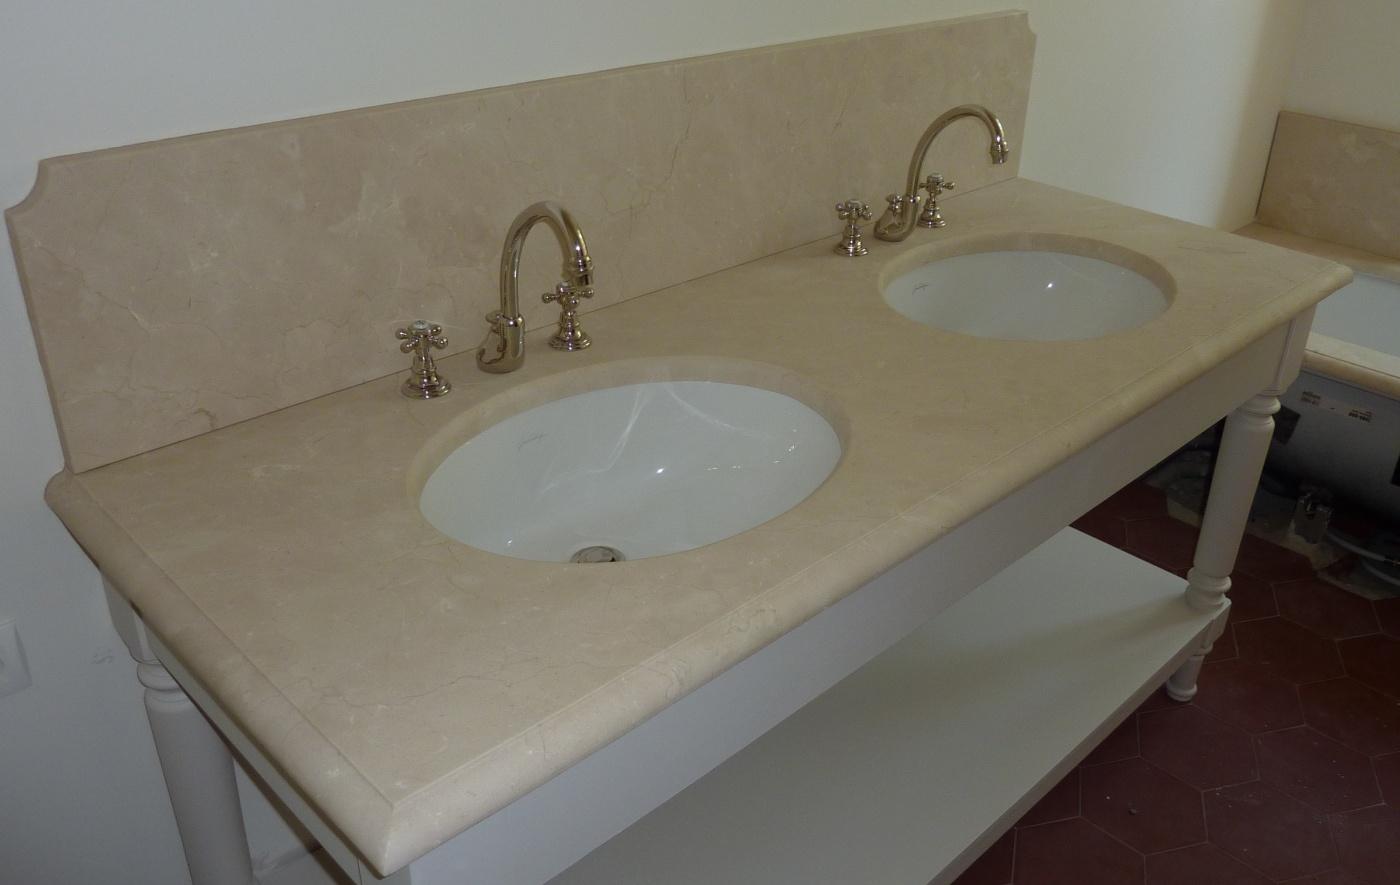 Salle de bains Crema Marfil. Finition bec de corbin. Vasque ovale sous-plan en céramique Villeroy et Boch Chantier à Chateaurenard. Architectes LAFOURCADE